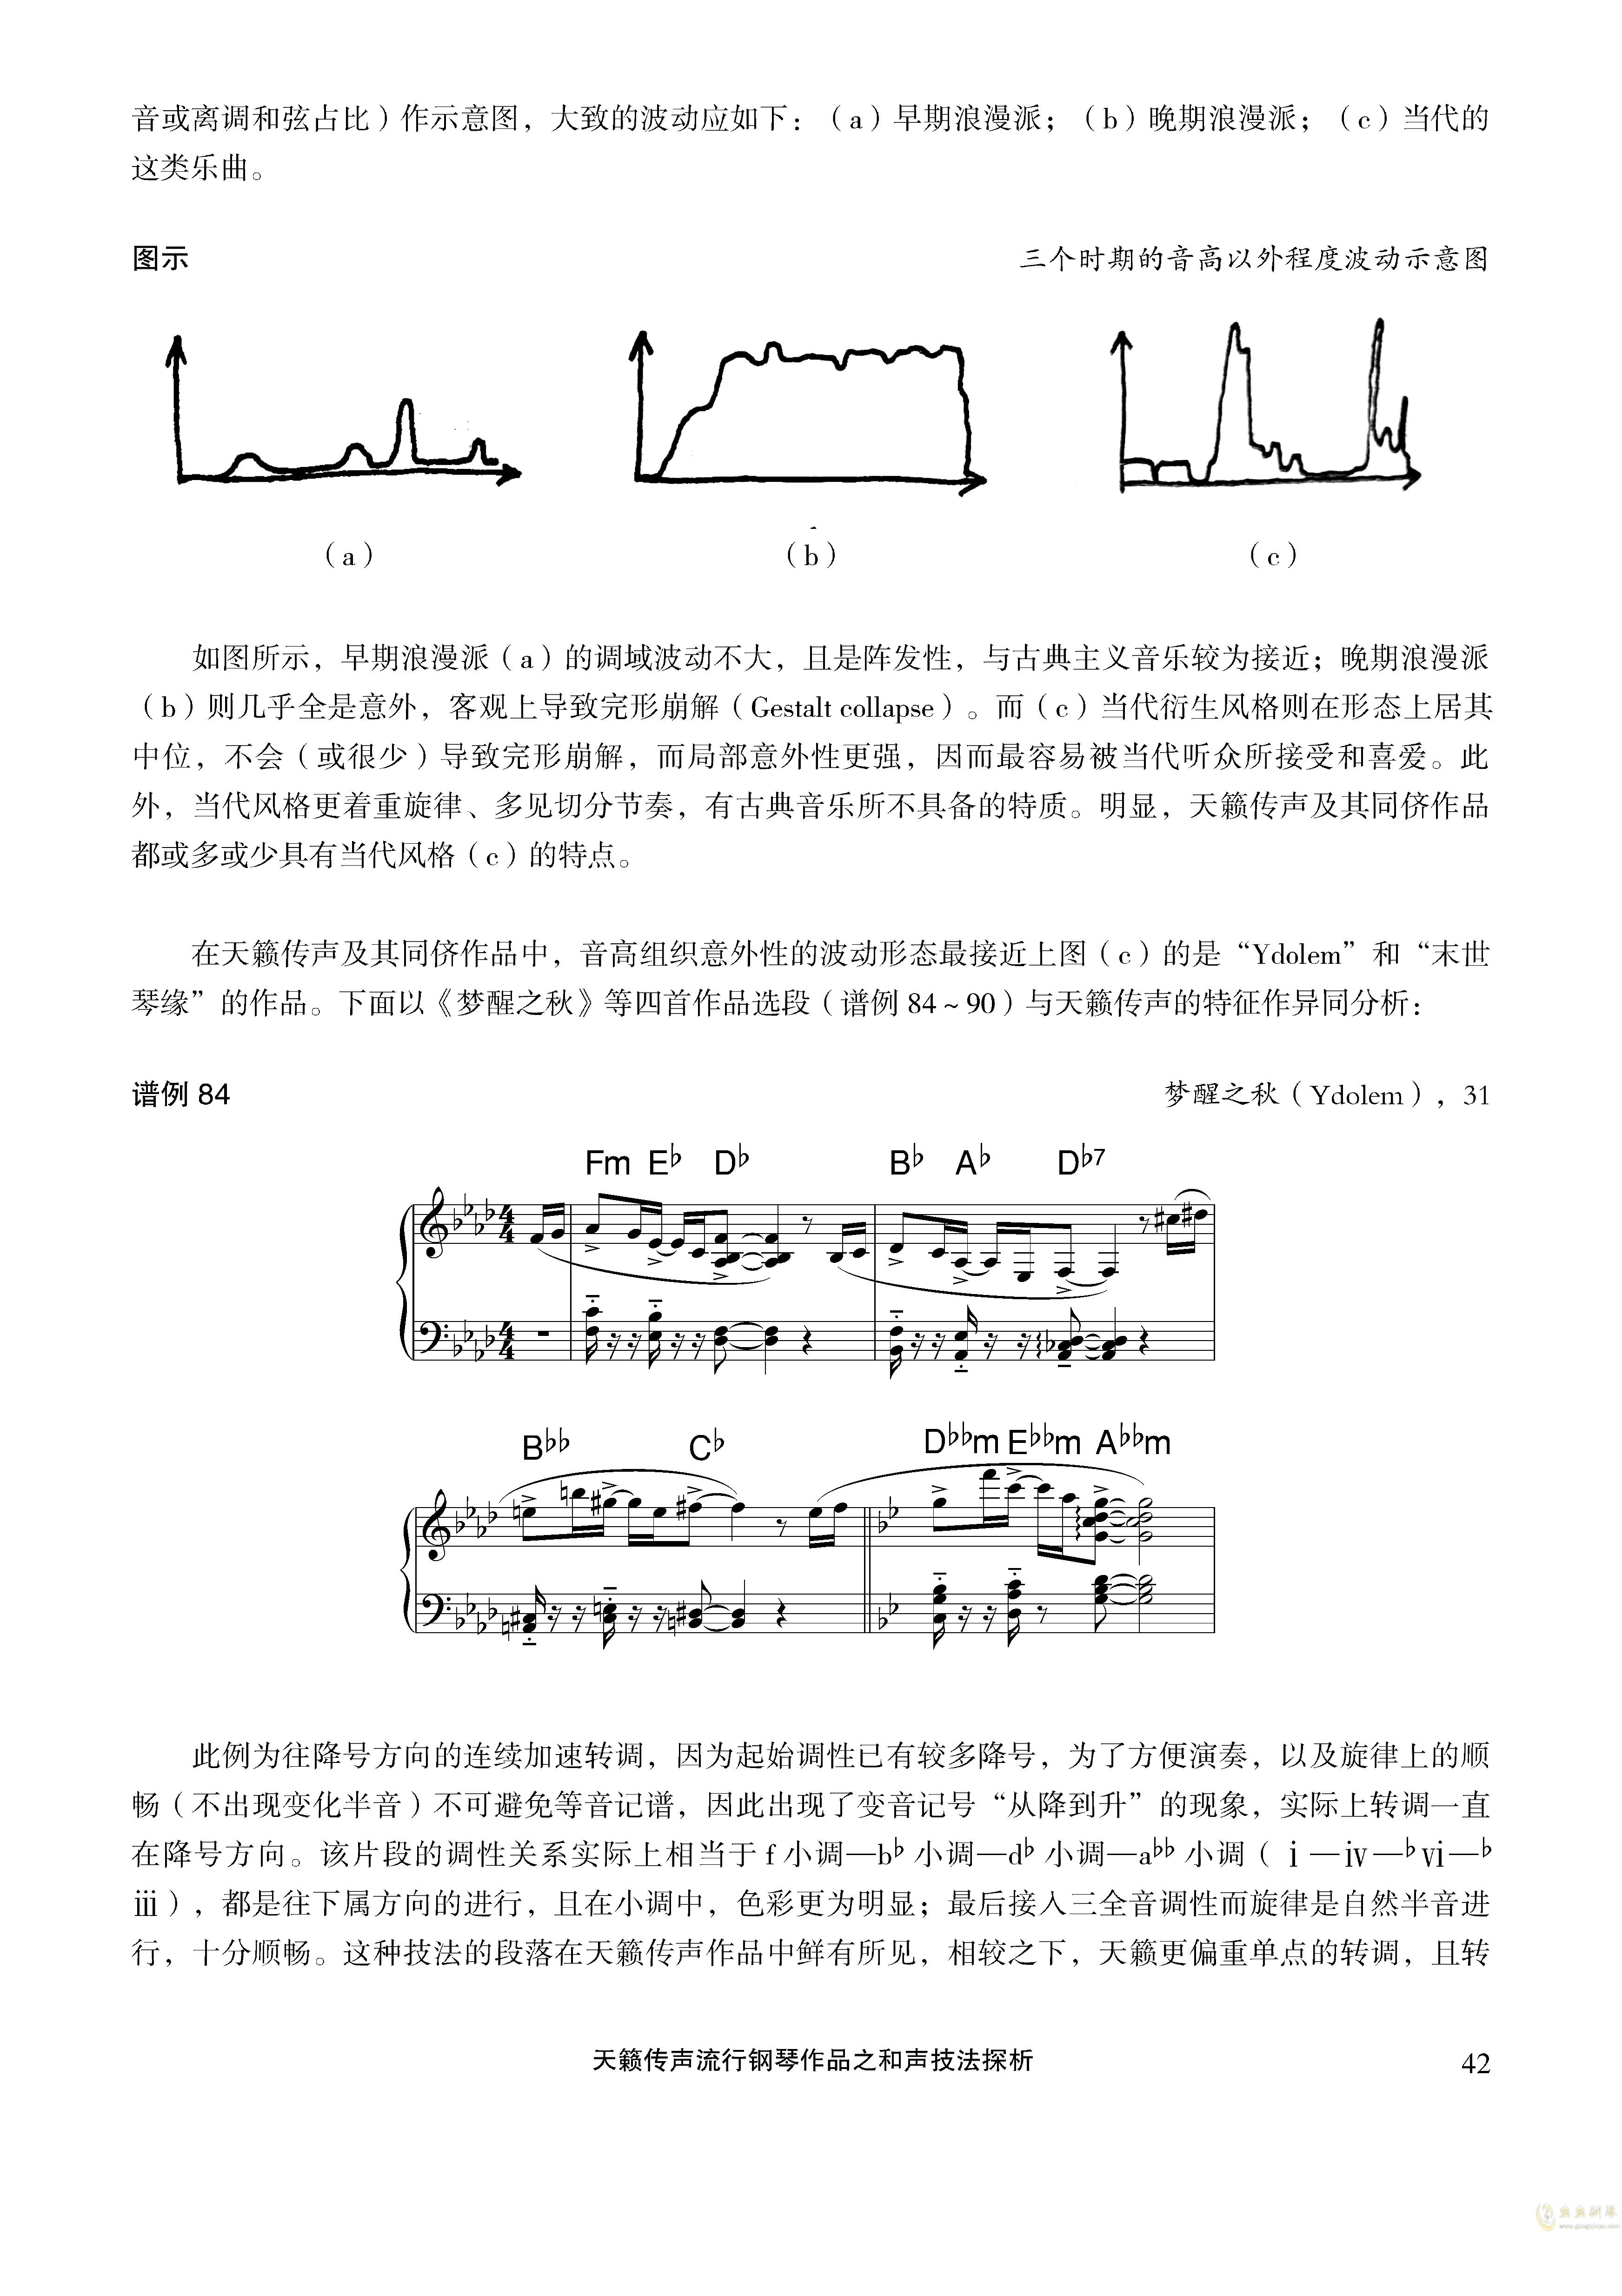 天籁传声和声技法探析澳门星际官网 第42页